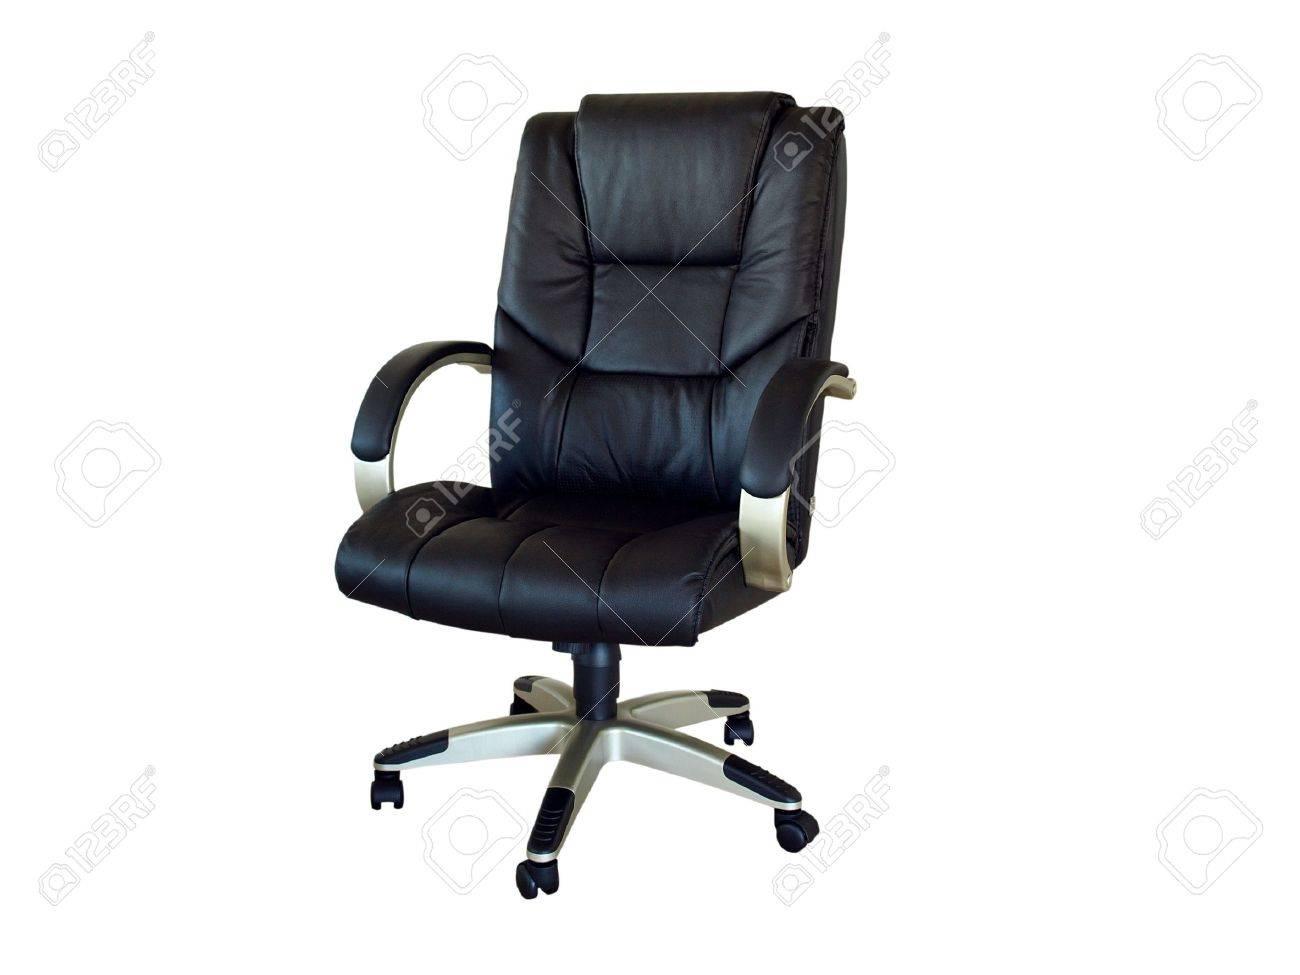 Entreprise style très bonne qualité bureau bras chaise banque d